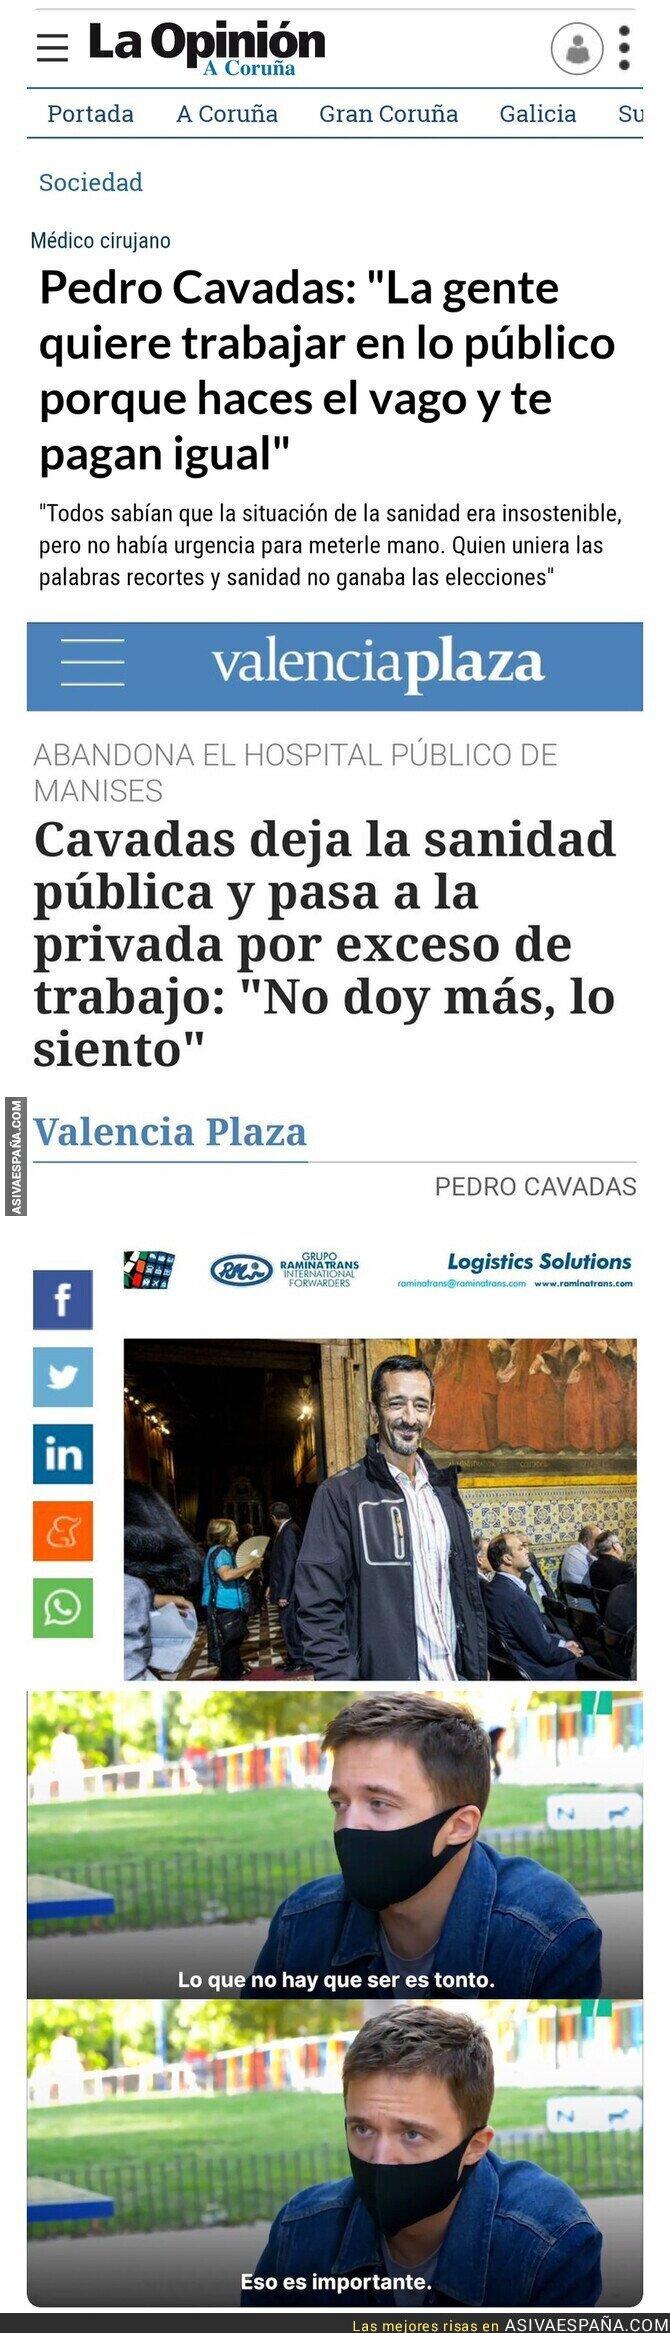 389301 - Pedro Cavadas está siendo muy criticado por estas declaraciones sobre la sanidad pública y privada